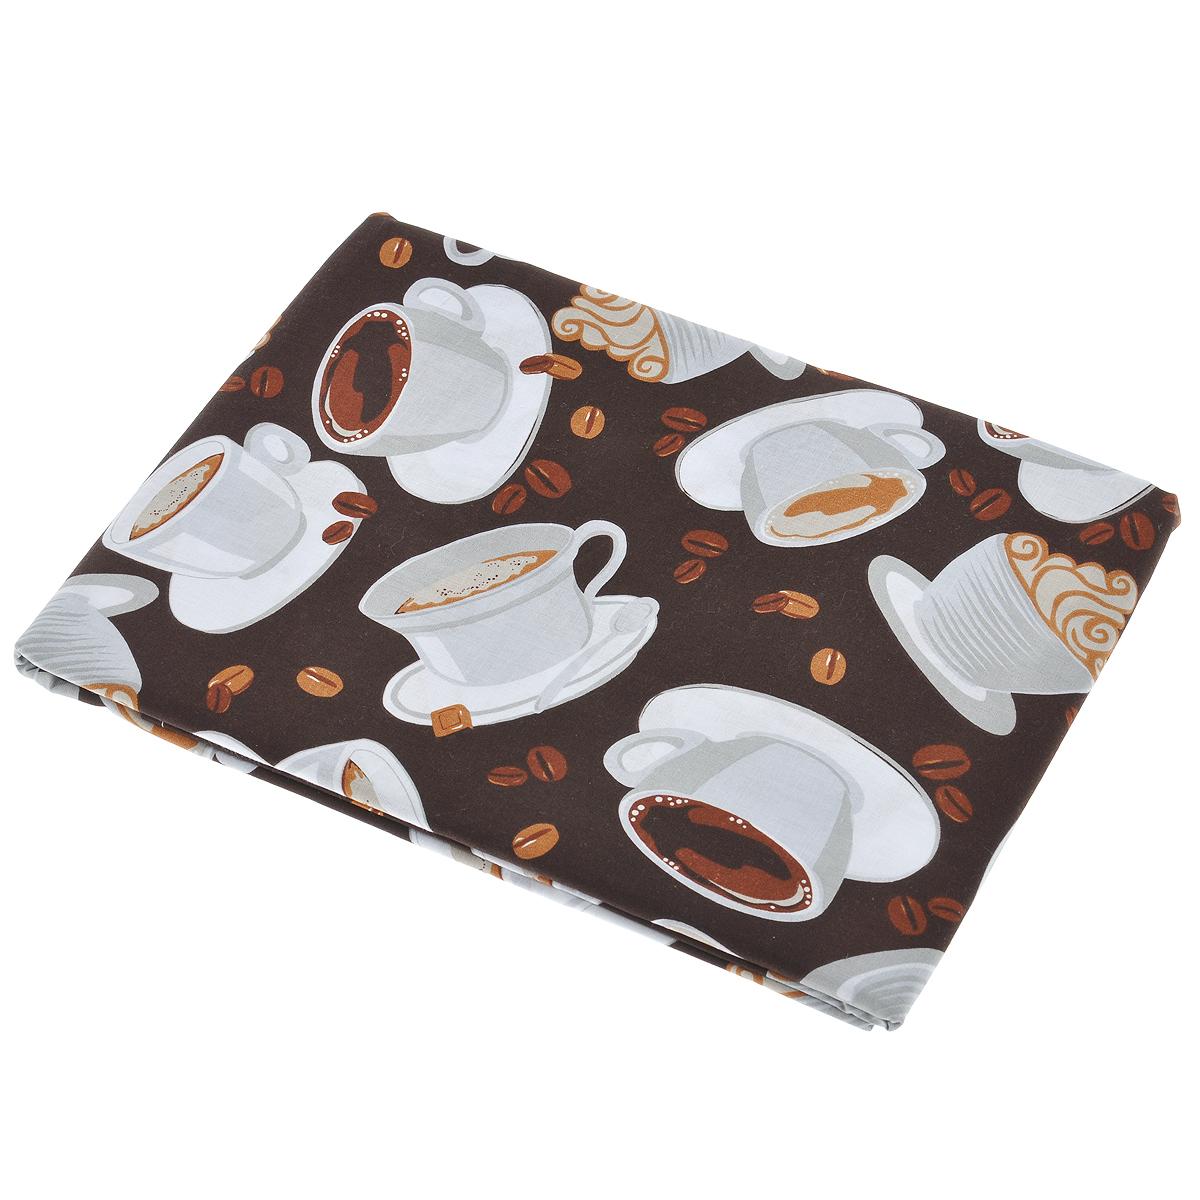 Скатерть House & Holder Чашка кофе, прямоугольная, 140x 180 смCO-TC033(F9564)Скатерть House & Holder Чашка кофе изготовлена из хлопка. Использование такой скатерти сделает застолье более торжественным, поднимет настроение гостей и приятно удивит их вашим изысканным вкусом. Также вы можете использовать эту скатерть для повседневной трапезы, превратив каждый прием пищи в волшебный праздник и веселье. Не рекомендуется гладить и стирать в стиральной машине.